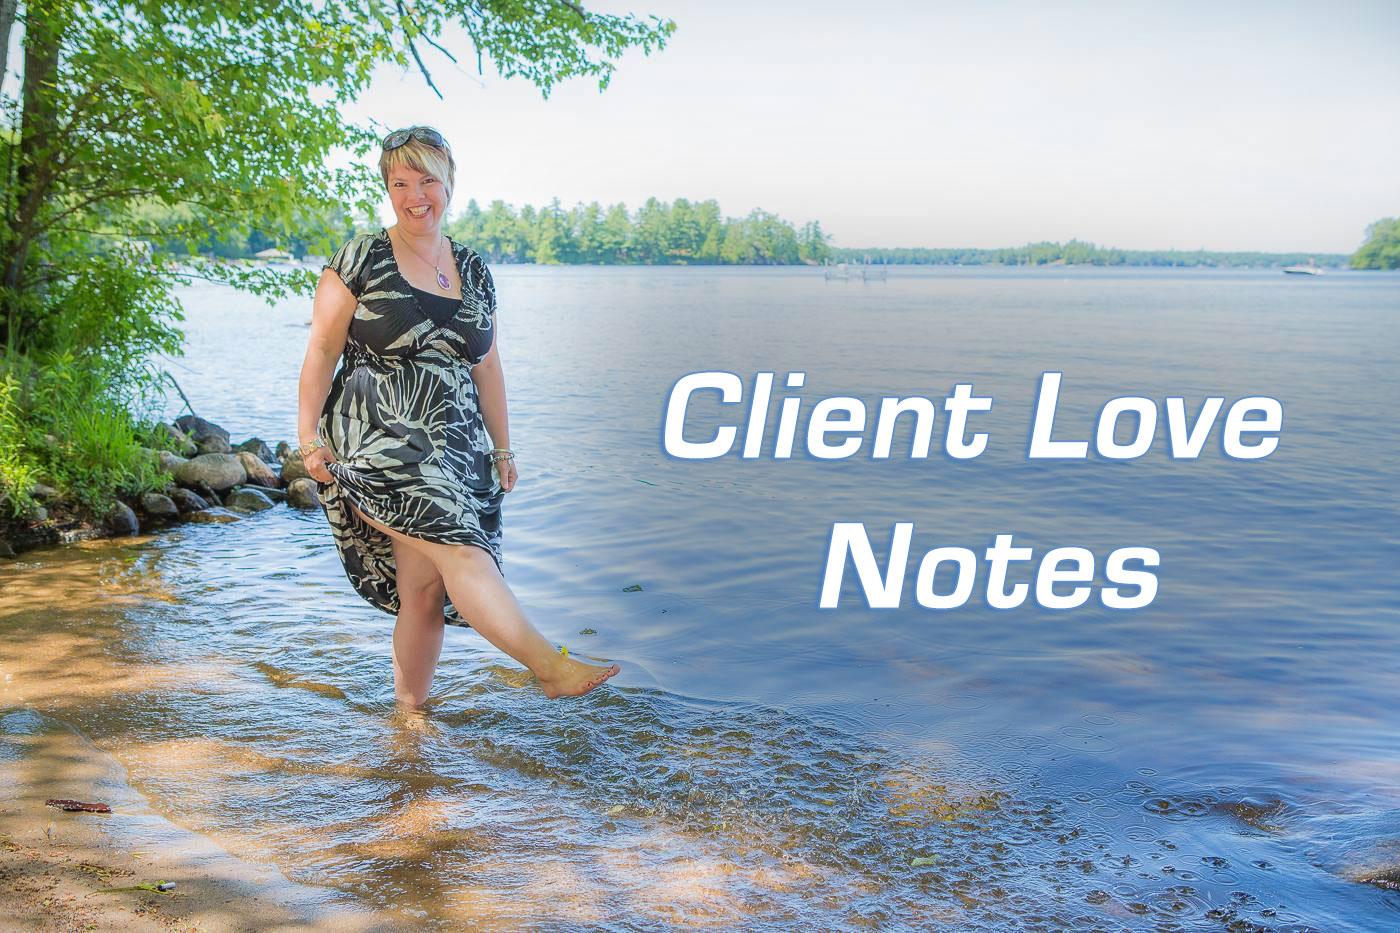 clientlovenotes.jpg